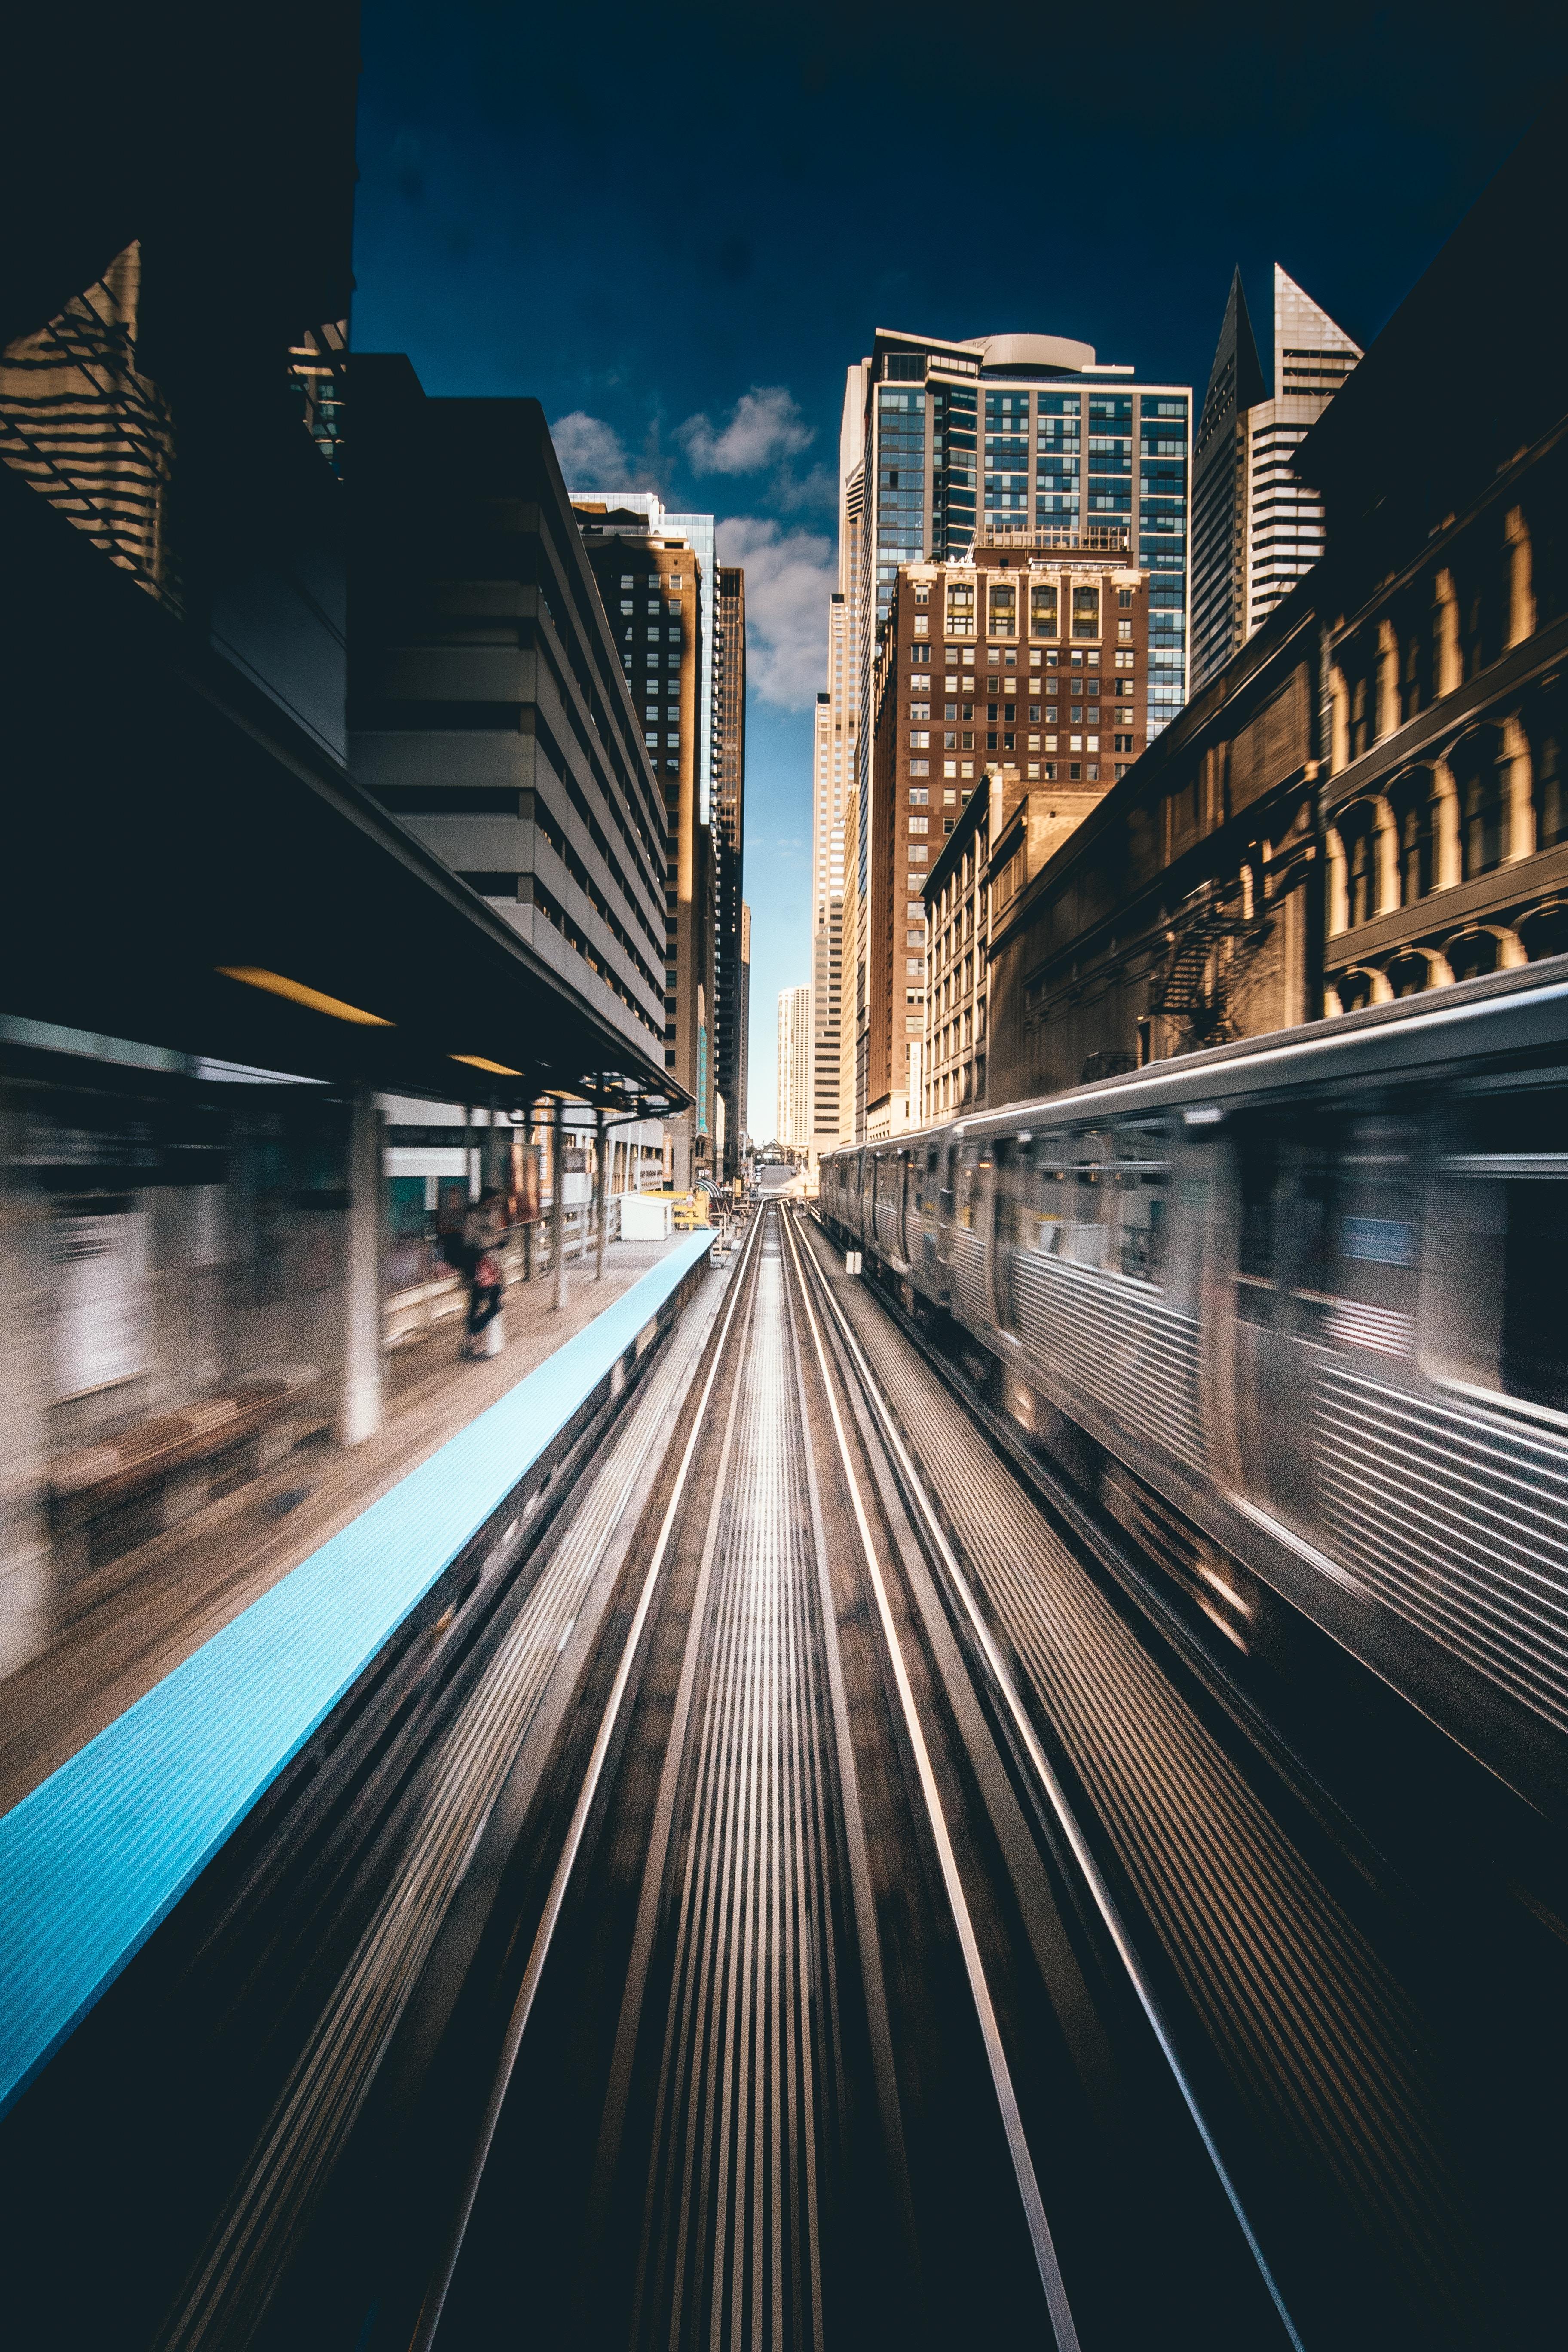 Chicago_CTA-train -and_tracks_sawyer-bengtson.jpg